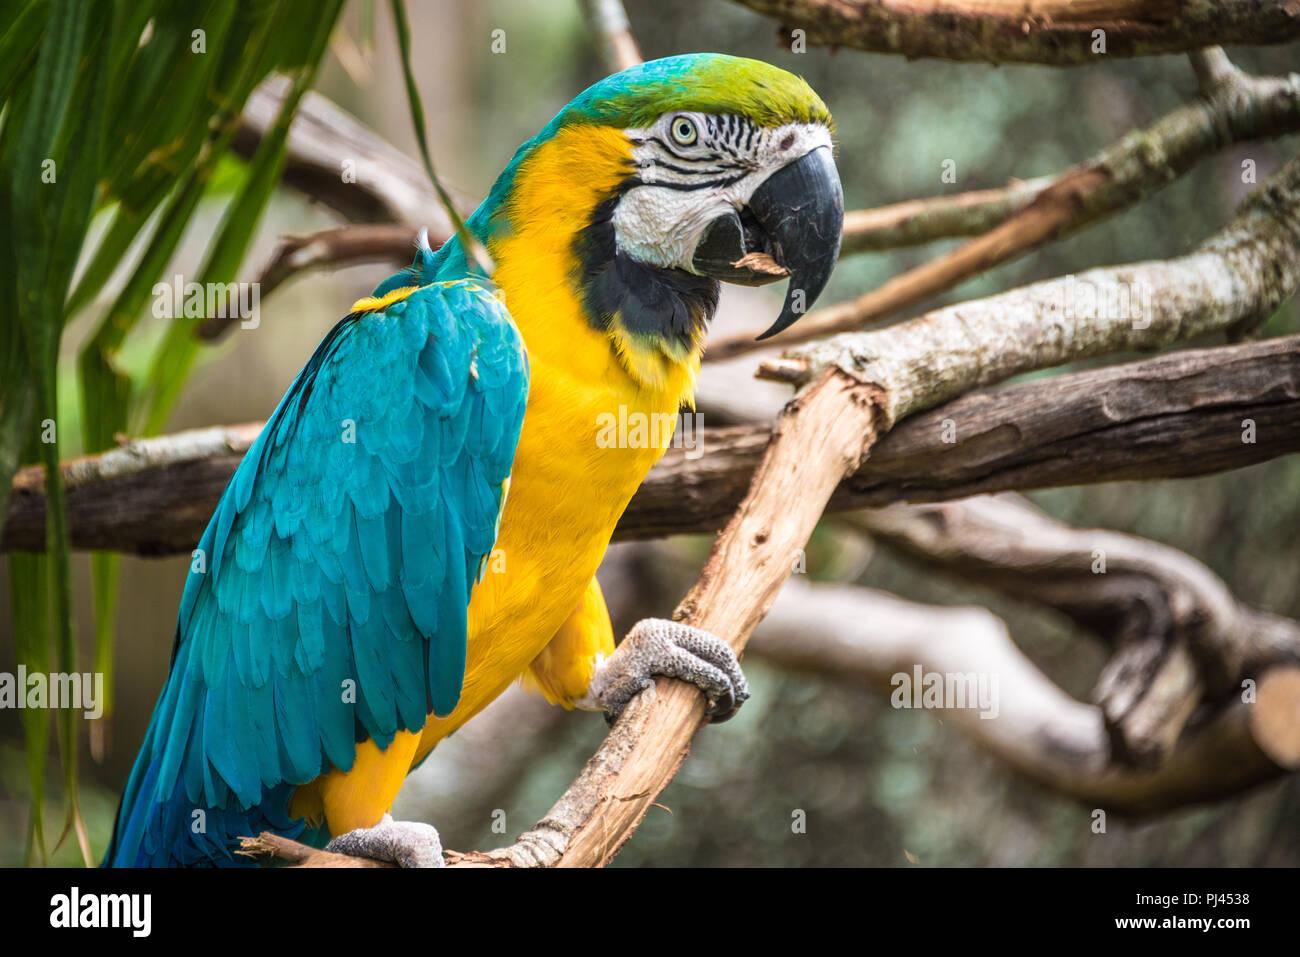 Les couleurs bleu et or macaw (également connu sous le nom de blue-and-yellow macaw) à la St Augustine Alligator Farm Zoological Park à Saint Augustine, FL. (USA) Photo Stock